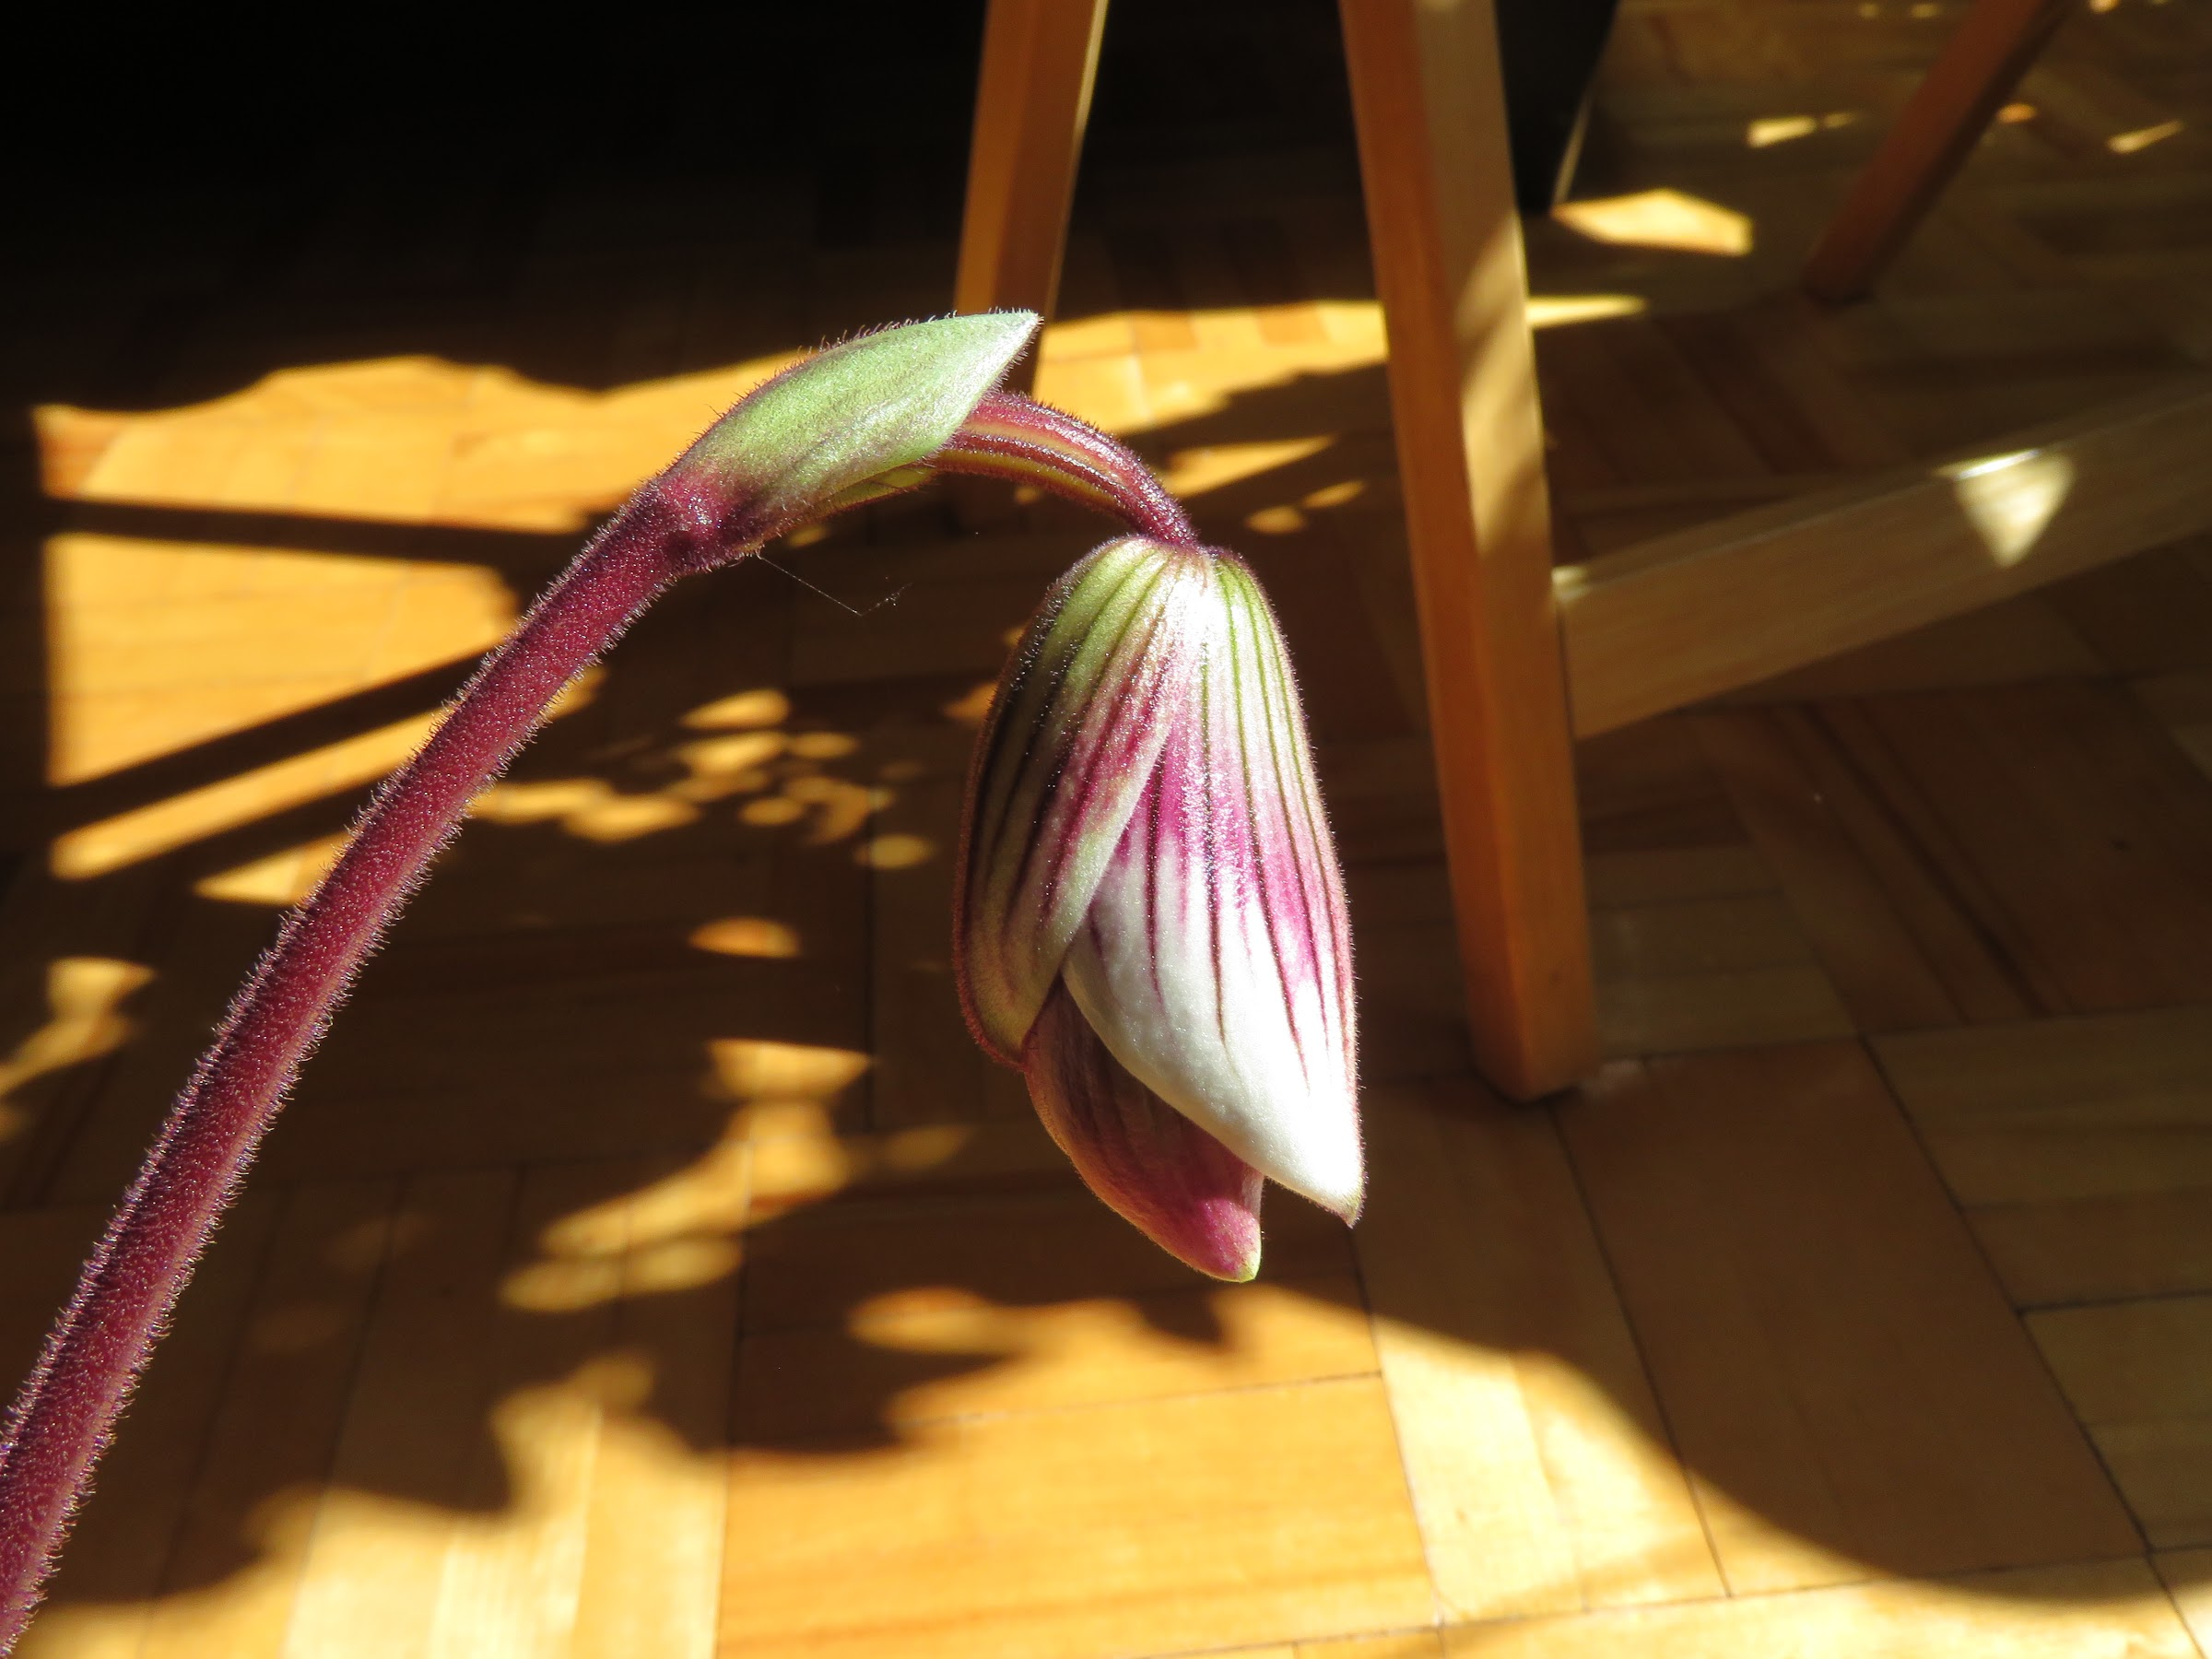 Les orchidées de Grigri - Page 4 ELoX1RBOFPBKbfWm-C4f3QDrLudZl9aRjA_CSpkb3tSbG3eFxMwSmllOi1YbzqViha4l129MBsh7MXHKfi8RULuZgcB9q2MWlXPcK3kF09tphasMeuIrvJYbsPABUfwtTOPBdAnekJw=w2400